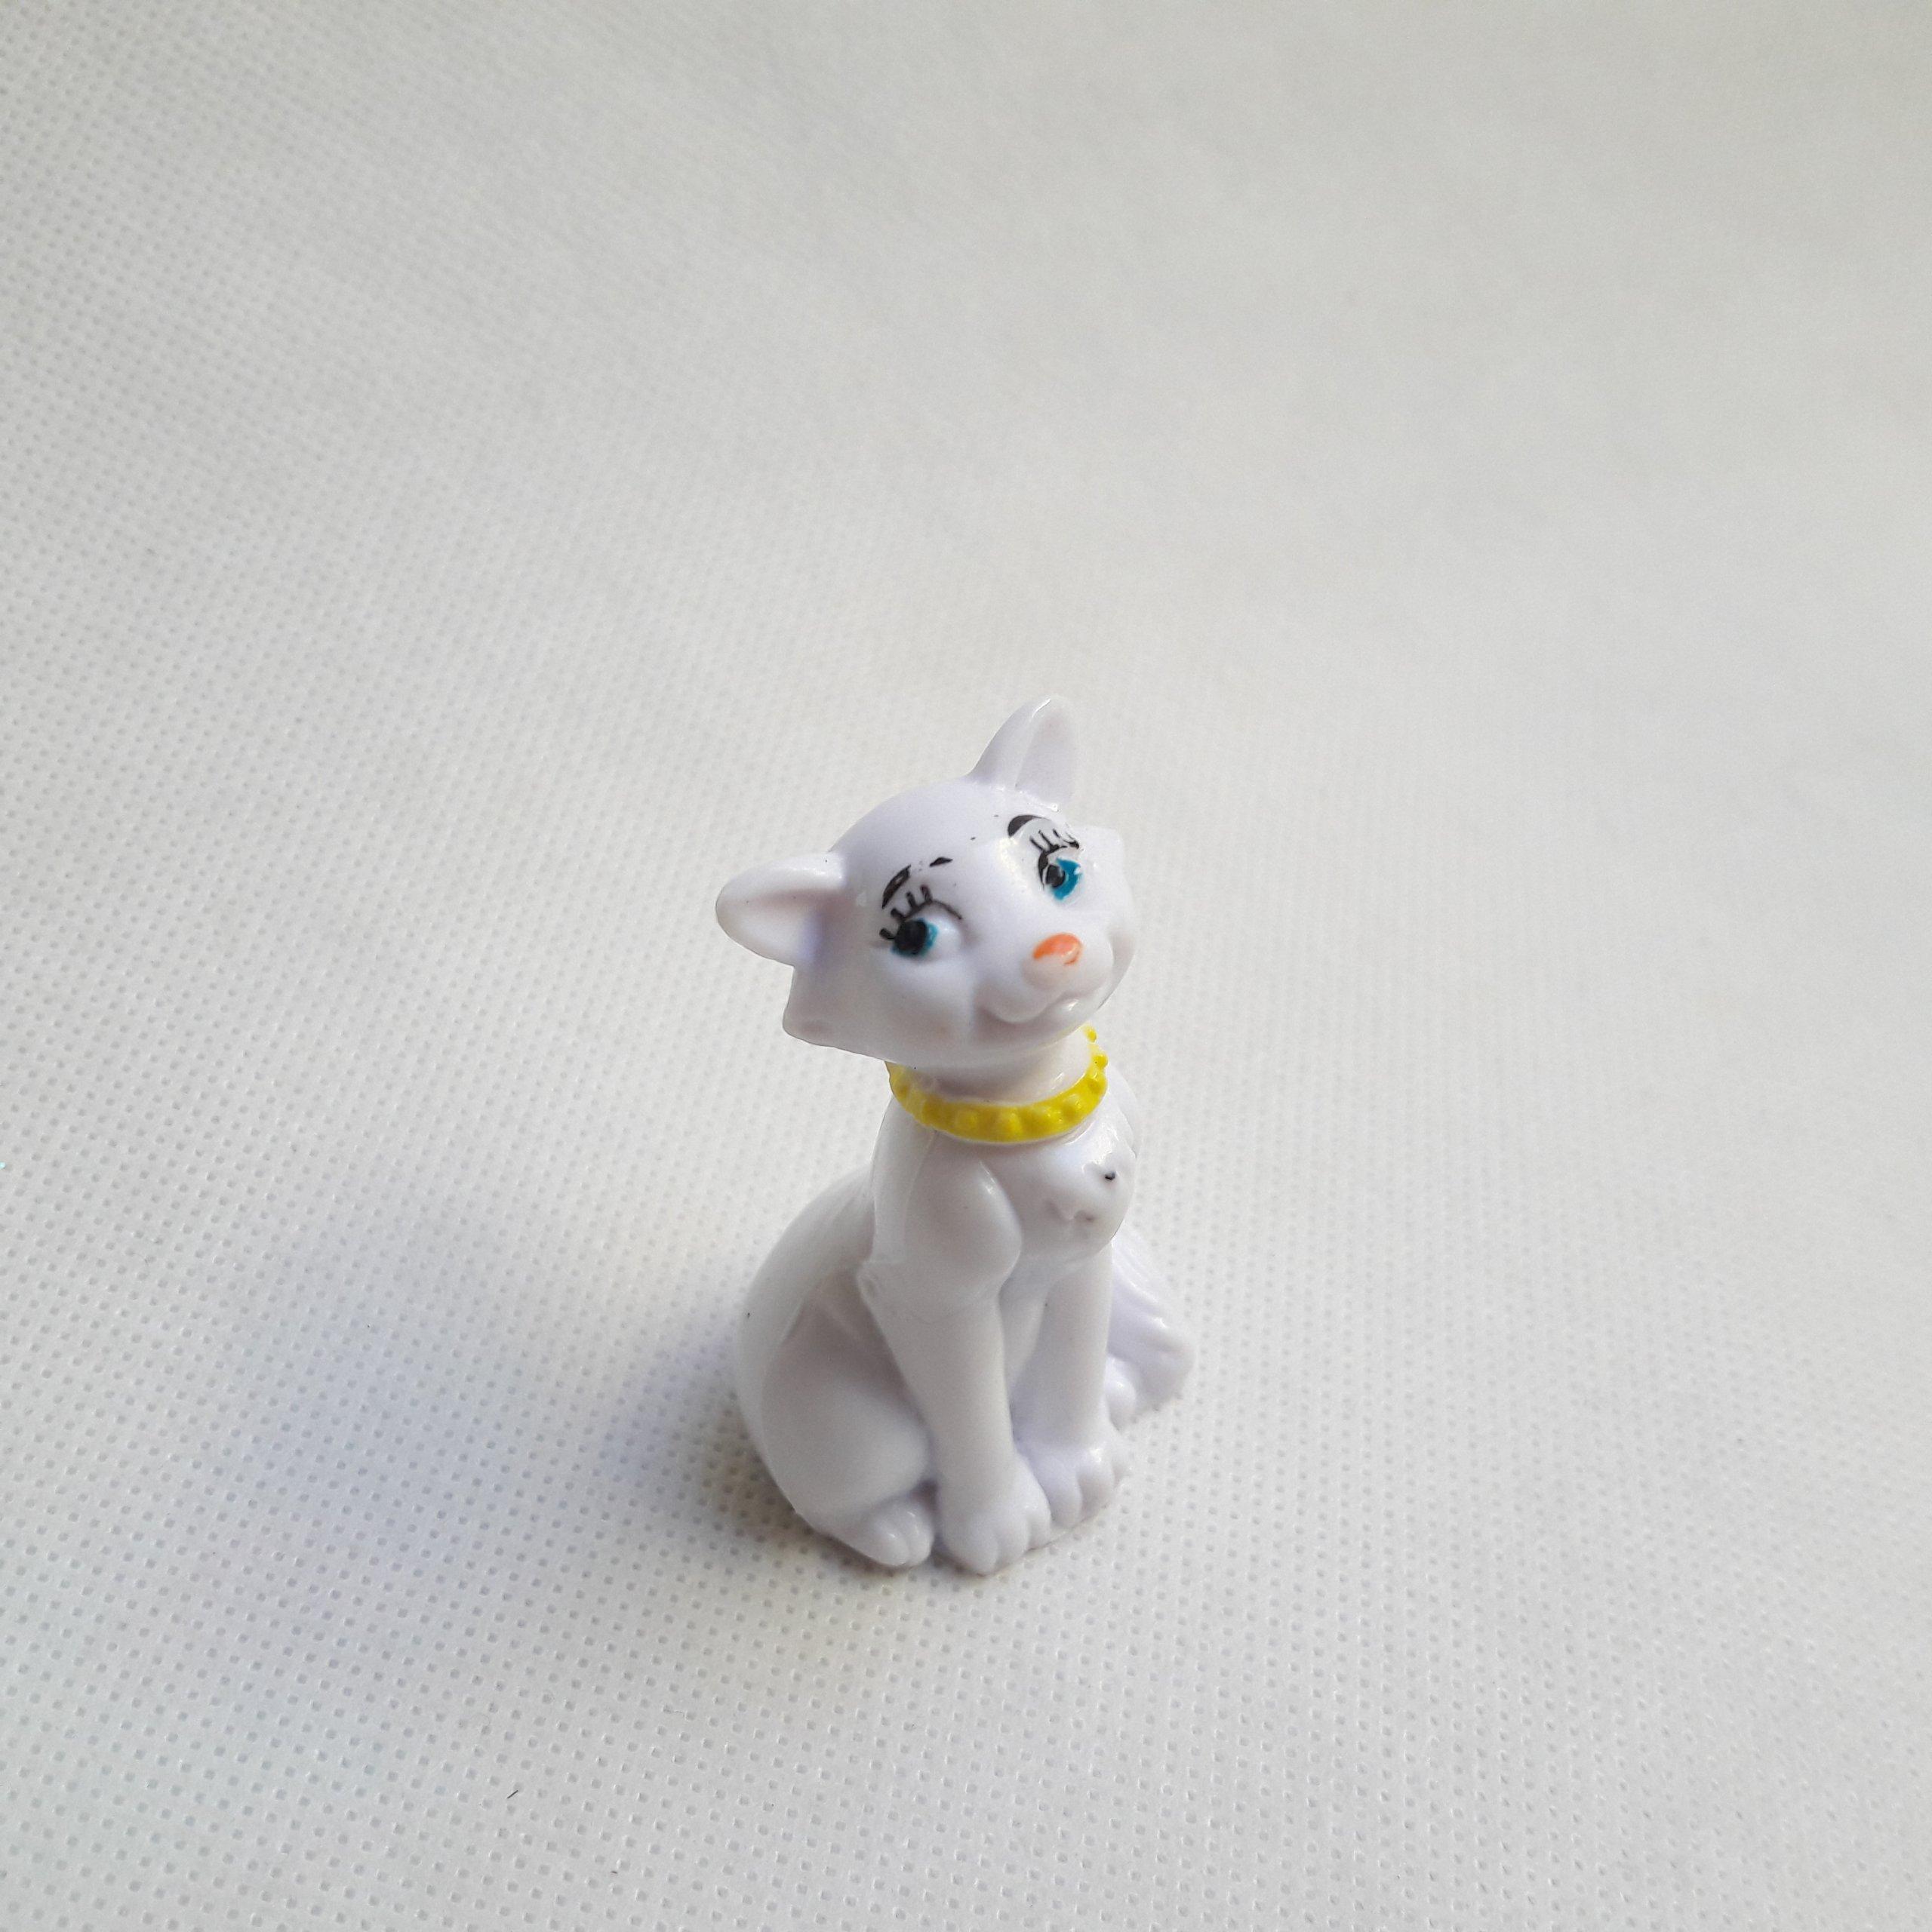 Arystokraci Figurka Kot Kotek Z Bajki Disney 6617819324